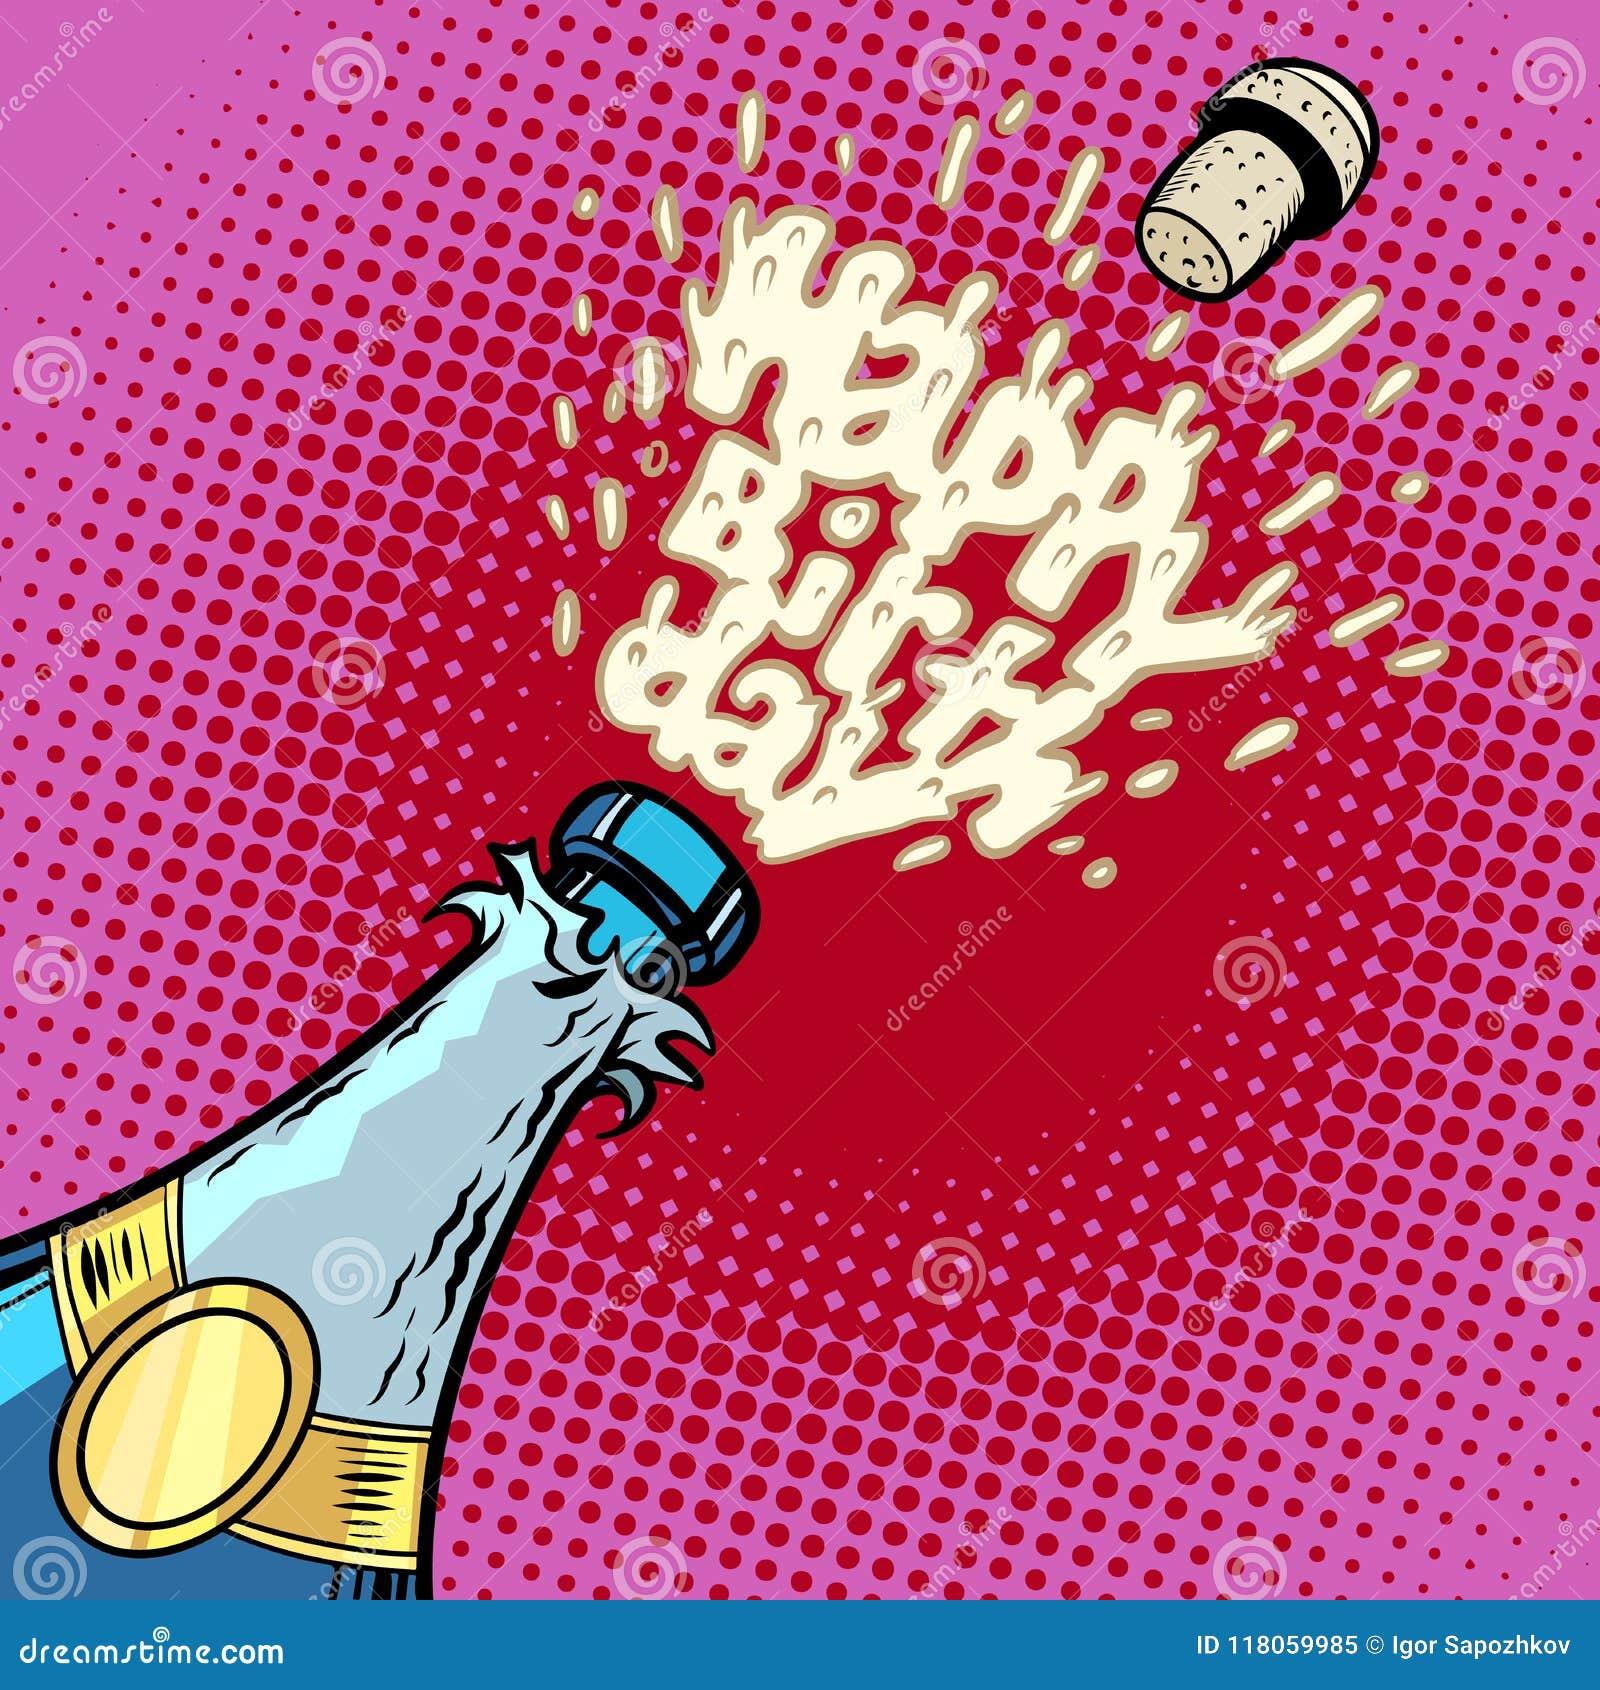 Joyeux Anniversaire La Bouteille De Champagne S Ouvre Mousse Et Liege Illustration De Vecteur Illustration Du Anniversaire Joyeux 118059985